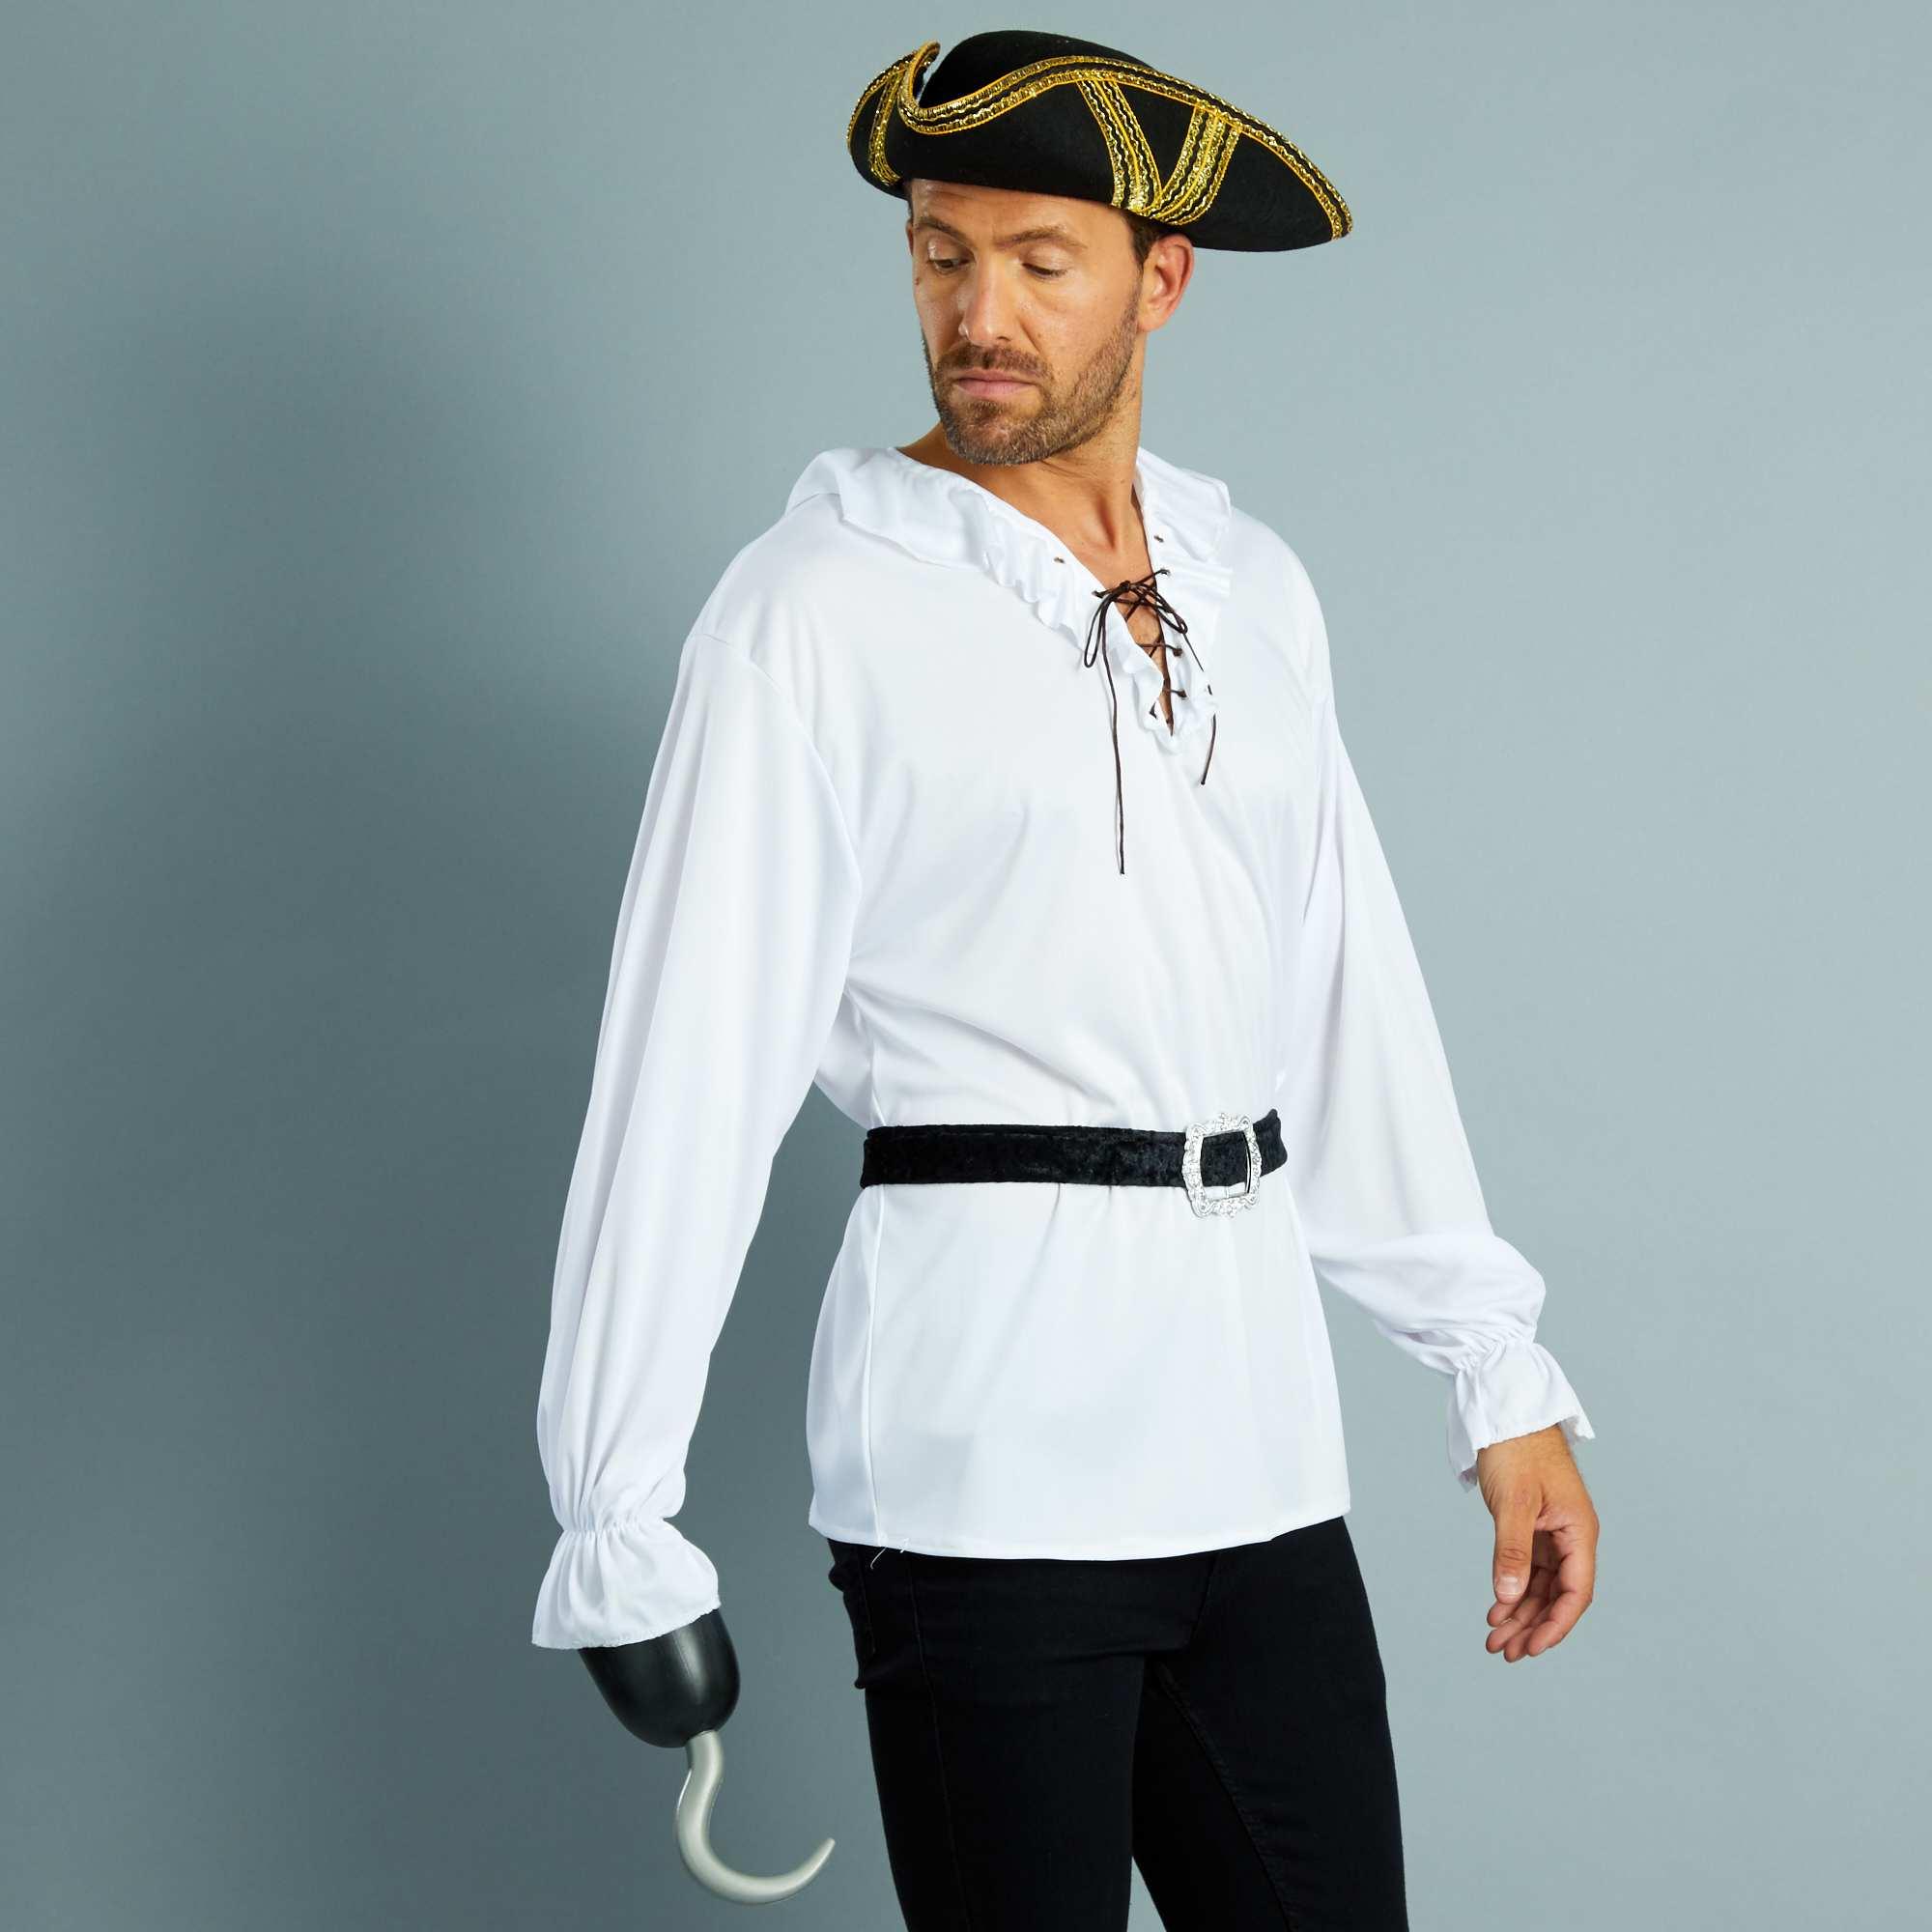 Couleur : blanc/noir, , ,, - Taille : M/L, , ,,Pas de déguisement de pirate sans la fameuse chemise à jabot ceinturée ! -